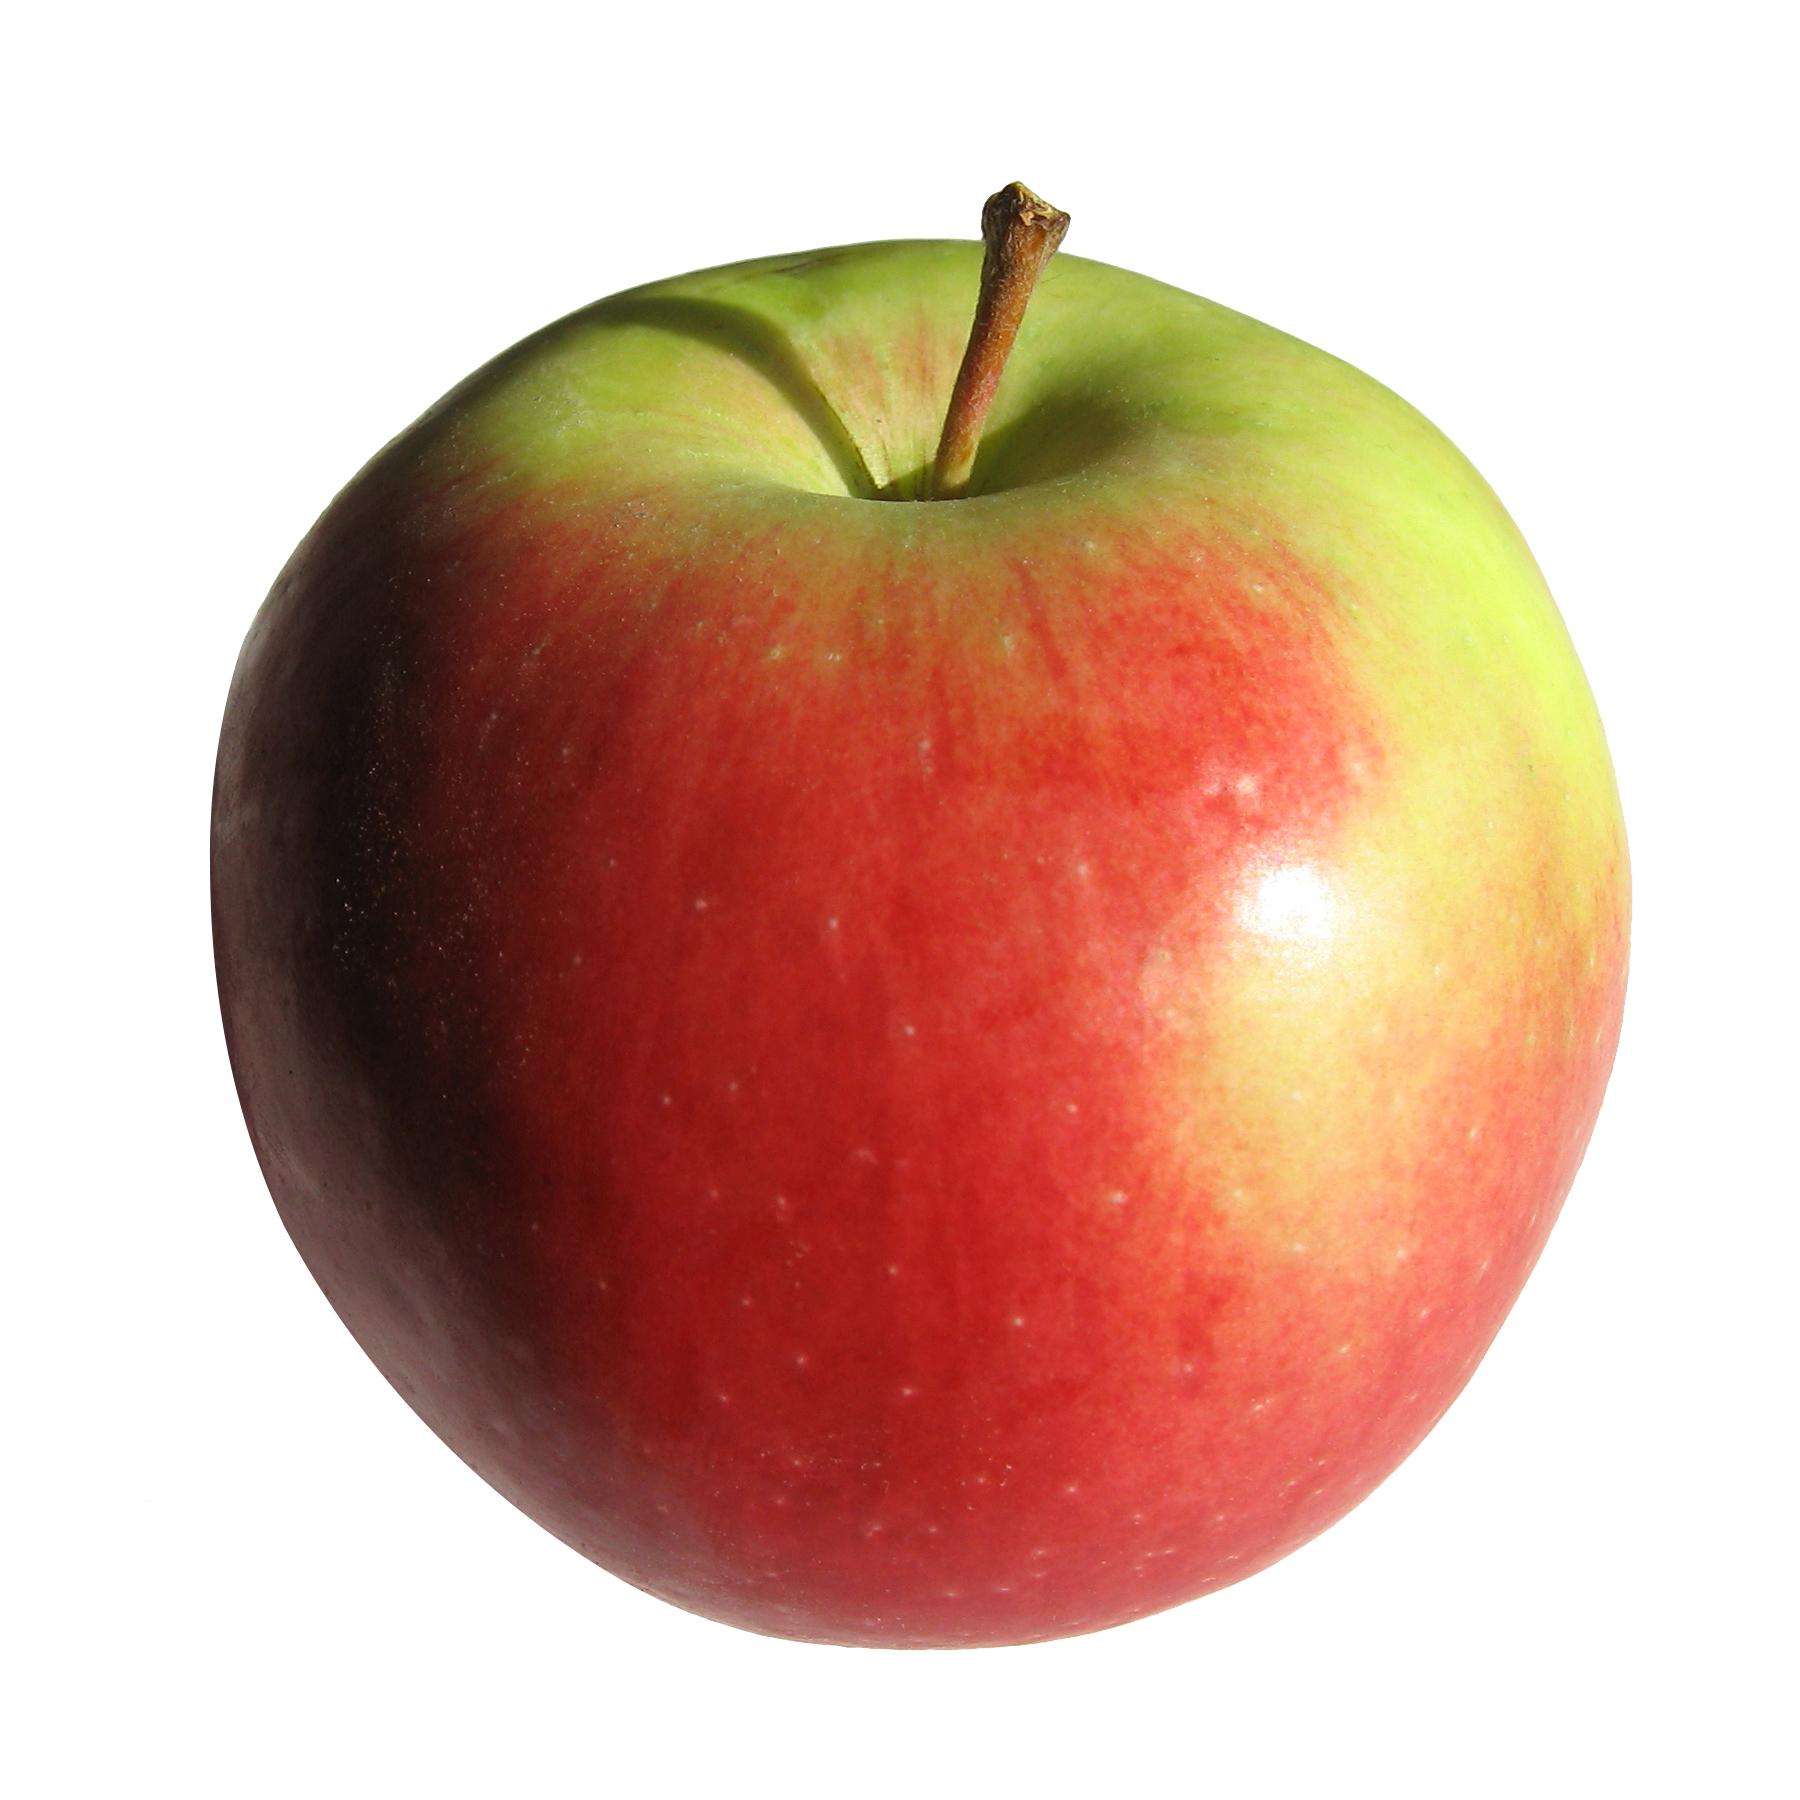 Сильный приворот на яблоко для мужчины, когда начинает действовать